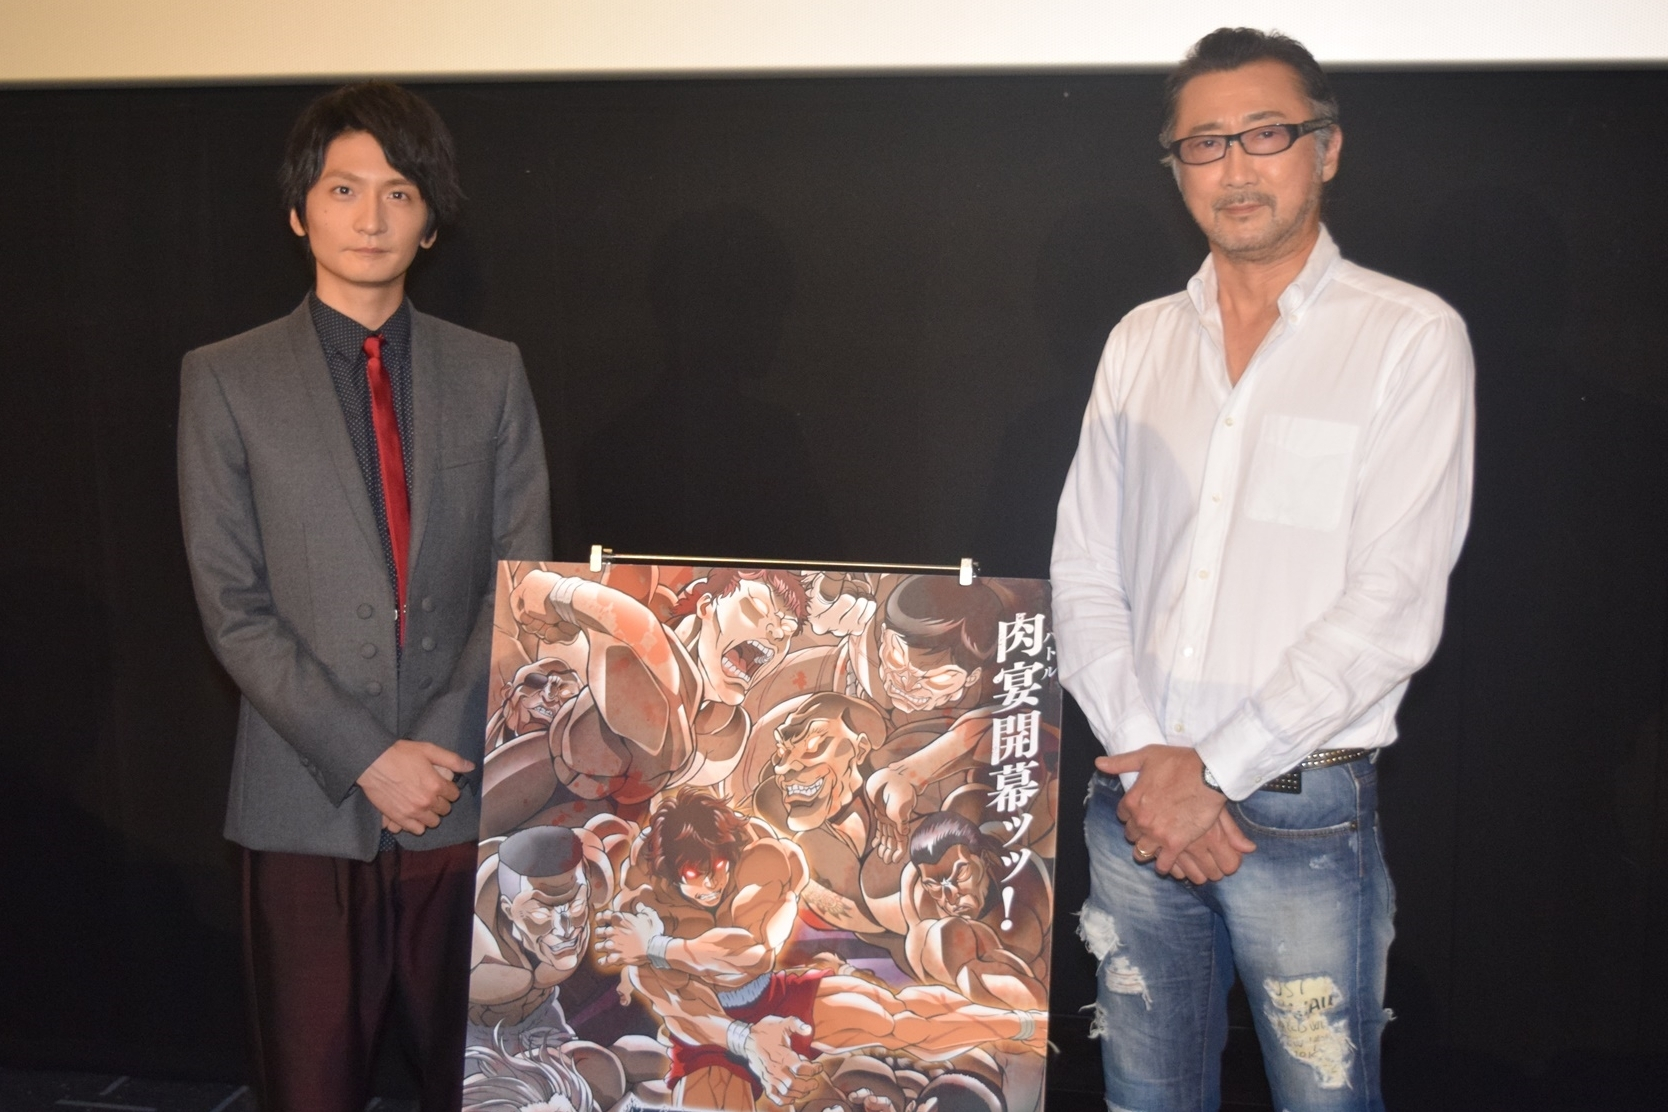 ▲左から島﨑信長さん、大塚明夫さん